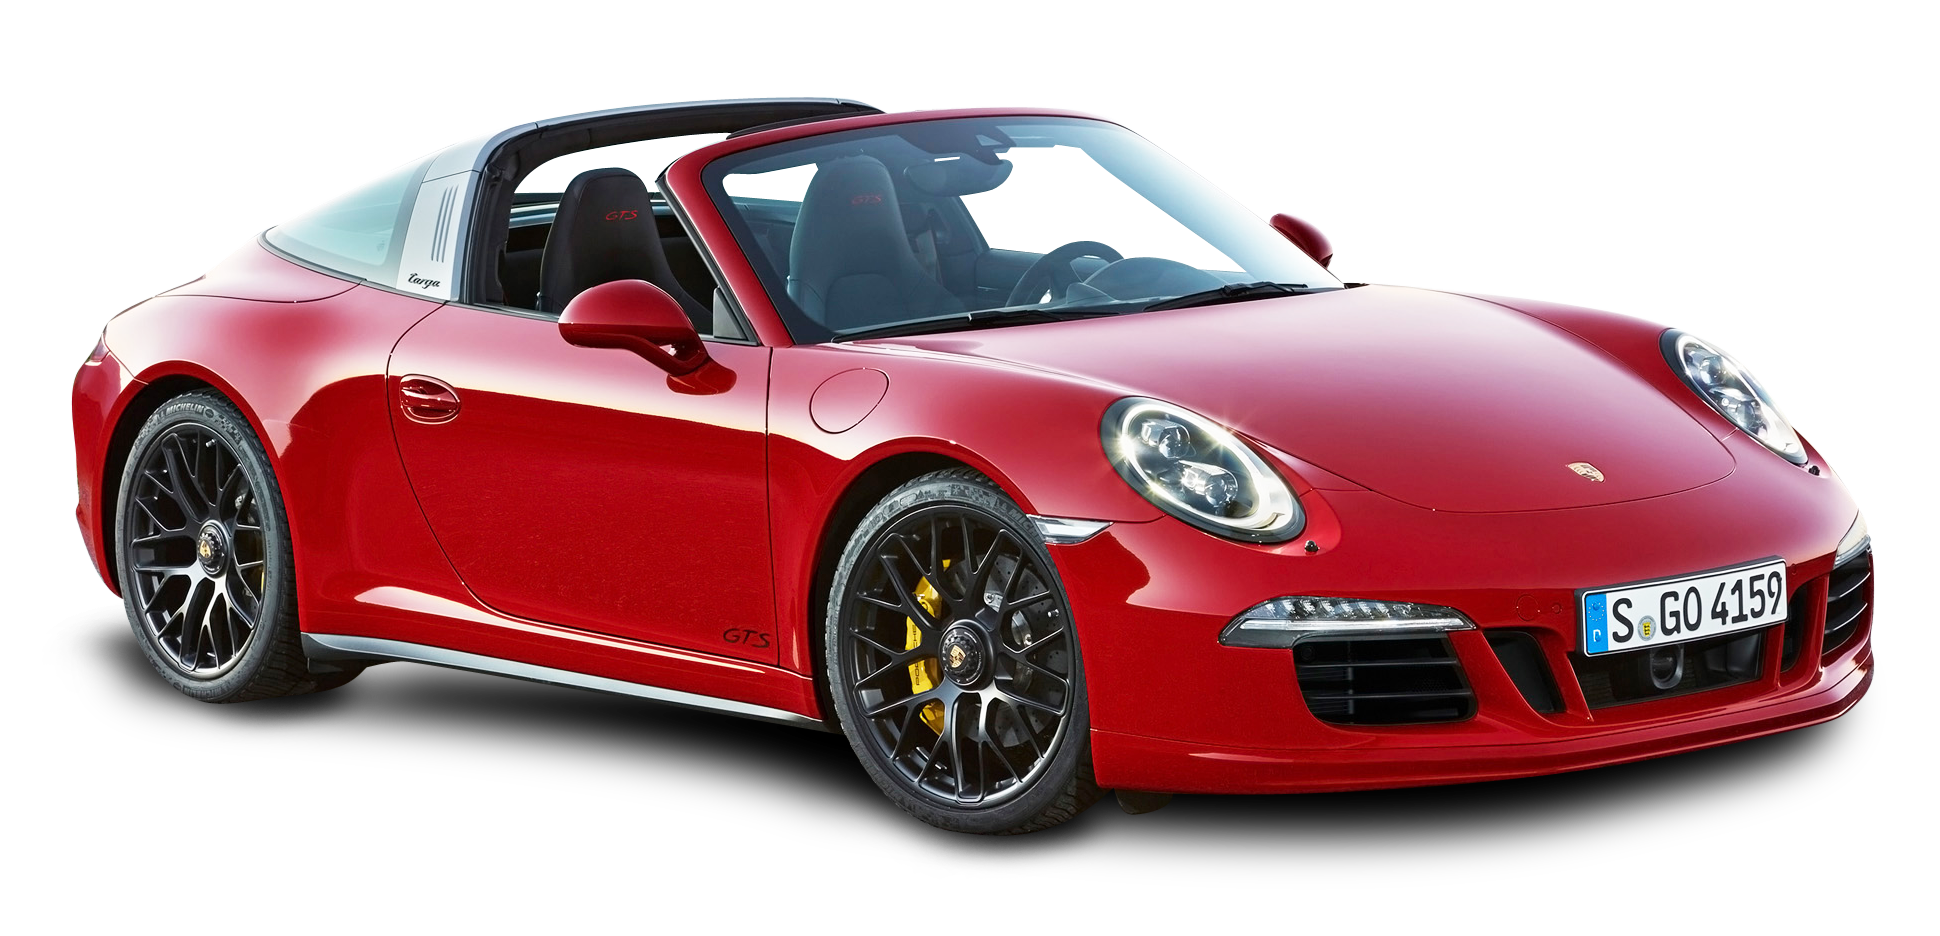 Red Porsche 911 Targa 4 GTS Car PNG Image